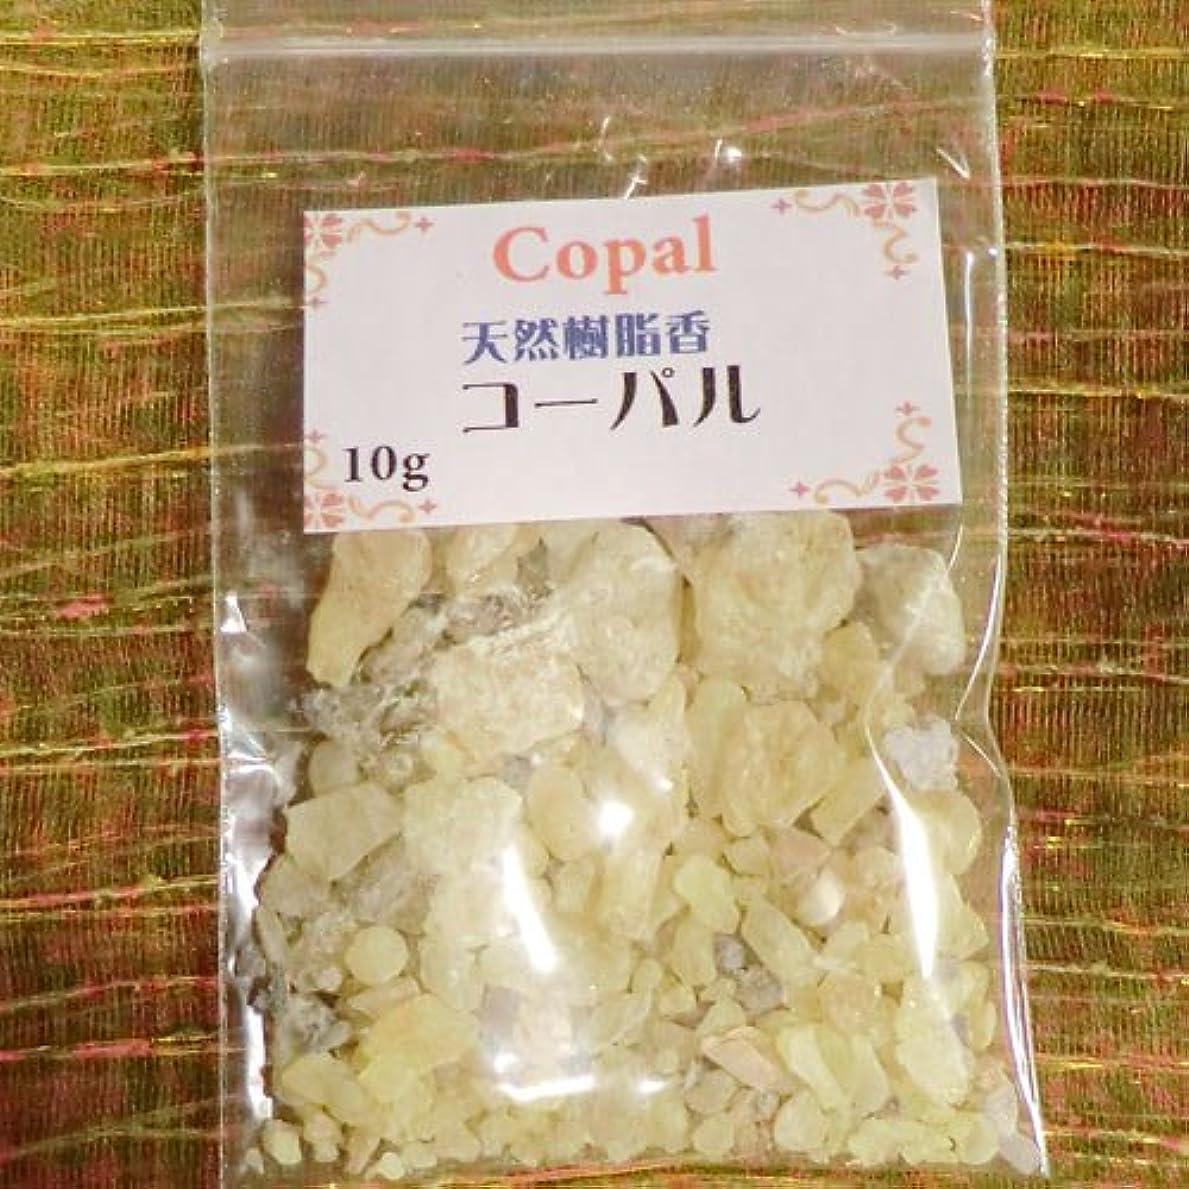 パシフィック禁止するキルスコーパル COPAL (天然樹脂香) (コーパル, 10g)